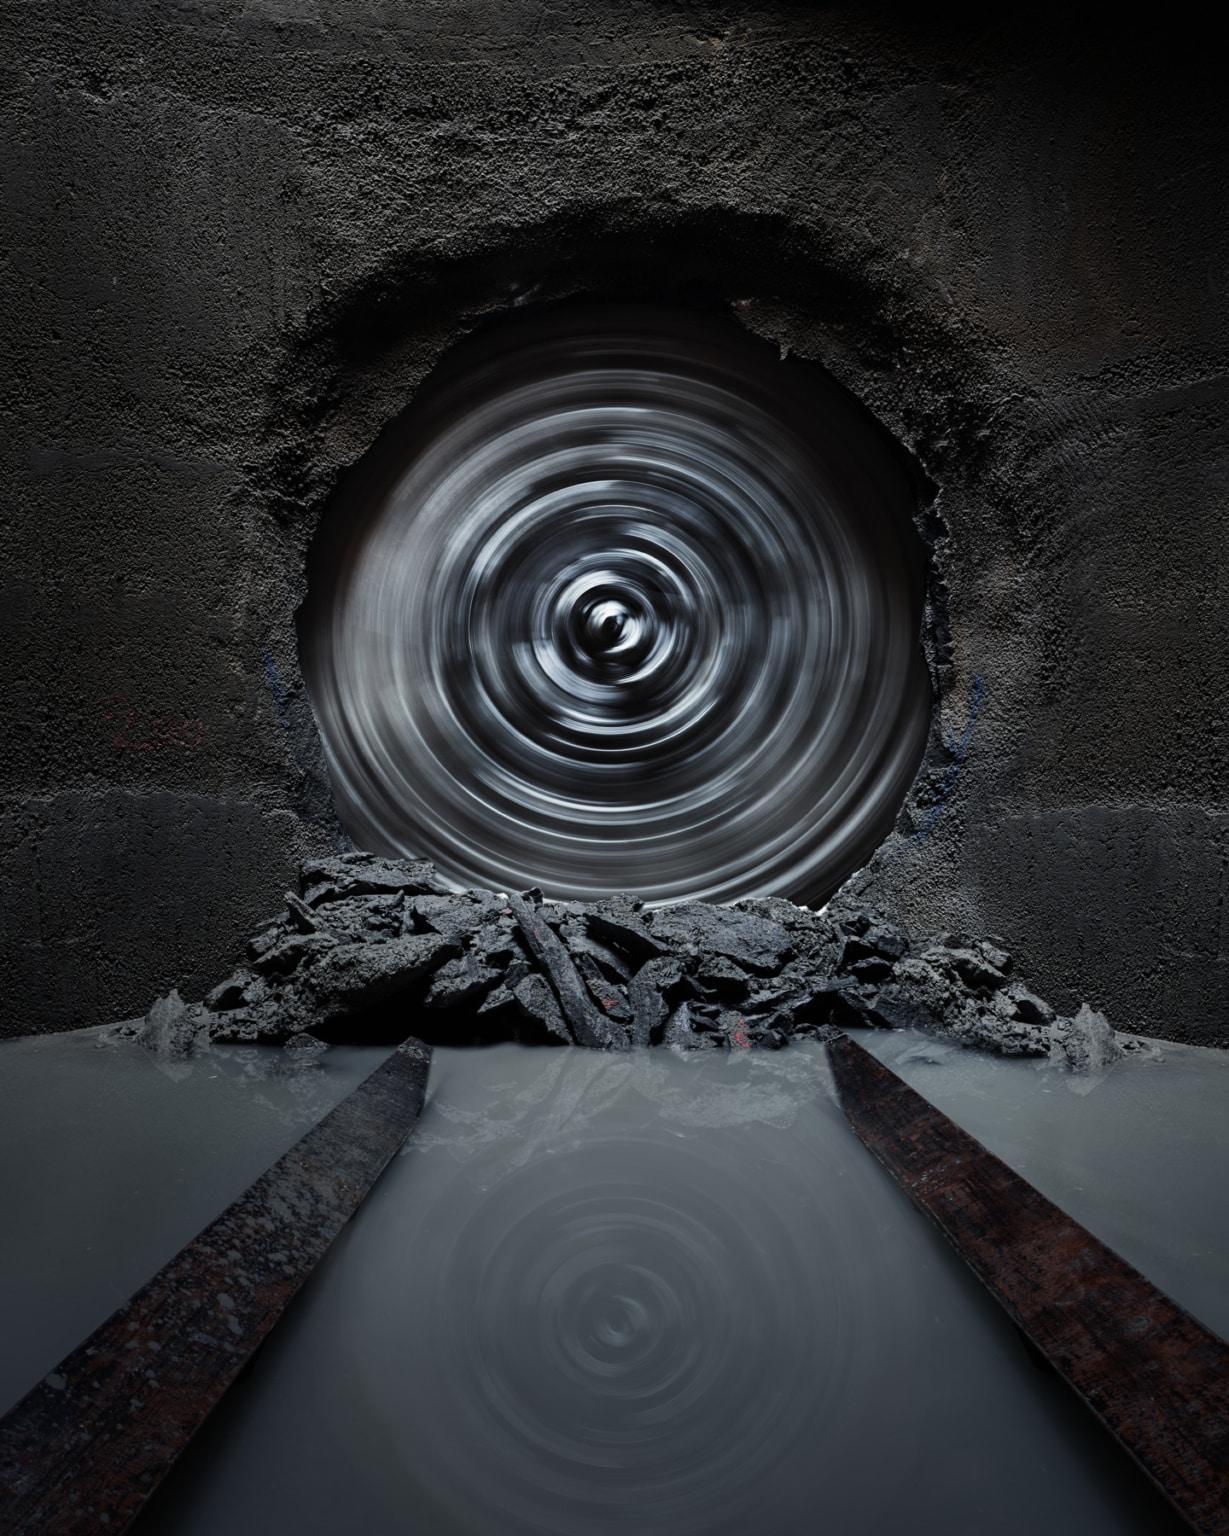 Sonntag Bau AG - Fernwärme Projekt Zürich - Microtunneling - Bohrkopf beim Durchbruch in voller Aktion